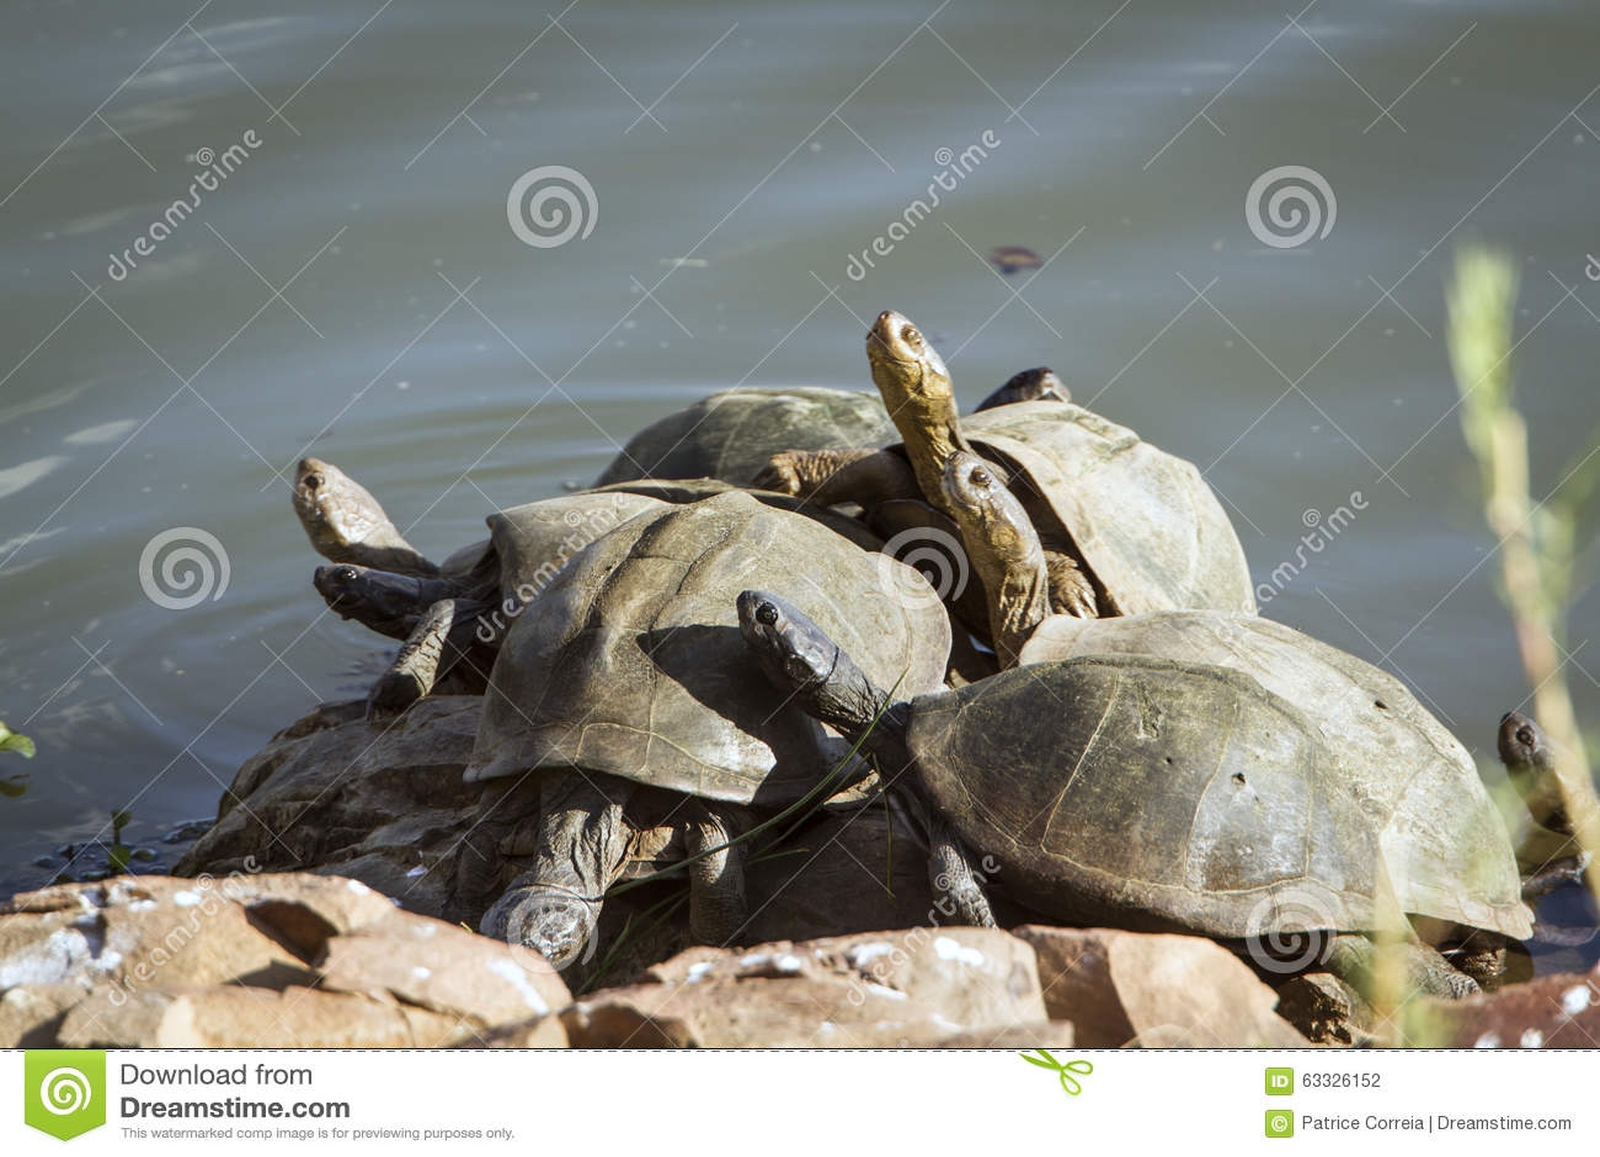 Tortugas dispuestas en ángulo en el parque nacional de Kruger, en la orilla del río